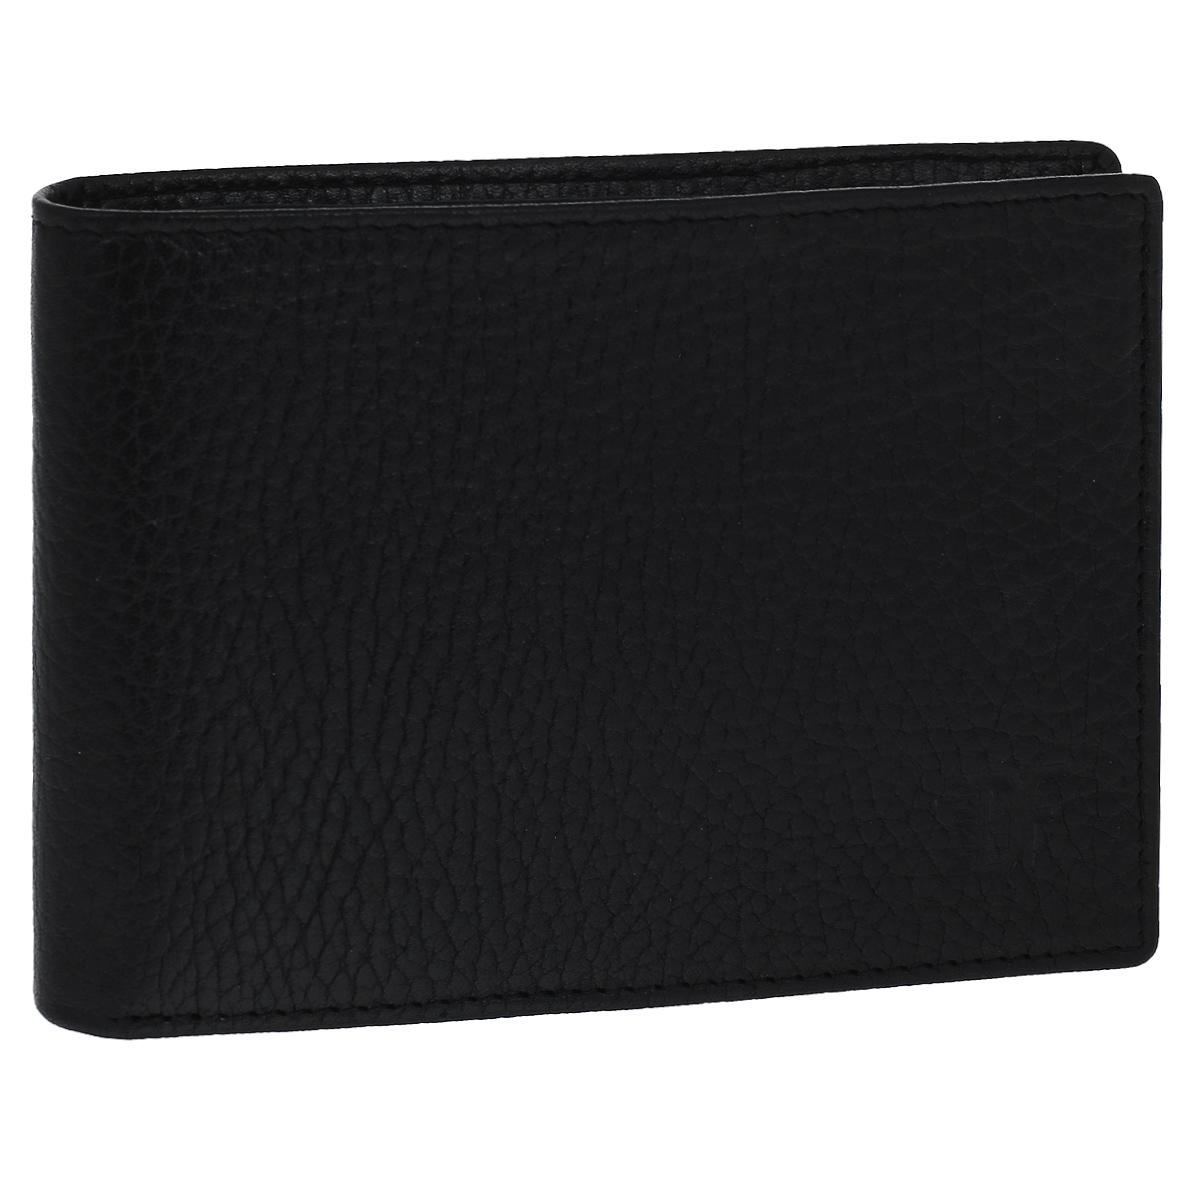 Кошелек мужской Dimanche Street, цвет: черный. 183BM8434-58AEСтильный мужской кошелек Dimanche Street изготовлен из натуральной фактурной кожи черного цвета. Закрывается на кнопку. Внутри содержится 2 длинных отделения для купюр, 9 кармашков для пластиковых карт, 2 потайных кармашка для мелких бумаг, гнездо для сим-карты, а также объемный карман с отделением для мелочи, который закрывается клапаном с потайной кнопкой. Стильный кошелек эффектно дополнит ваш образ и станет незаменимым аксессуаром.